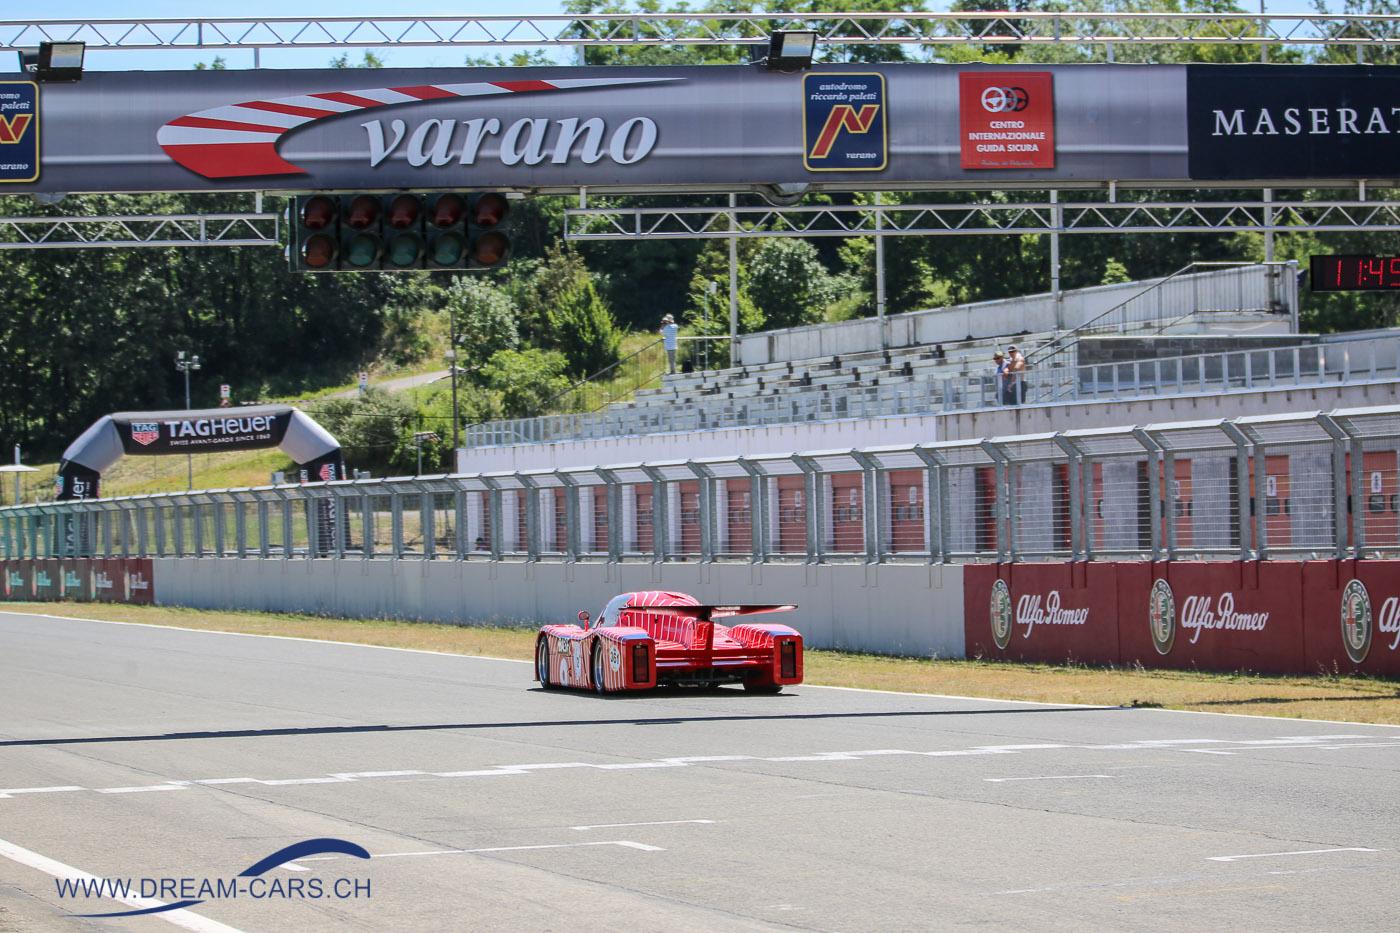 Varano Trackday, 29. Juni 2018. Peter Leuthardt mit seinem Sauber C6 aus dem Jahr 1982